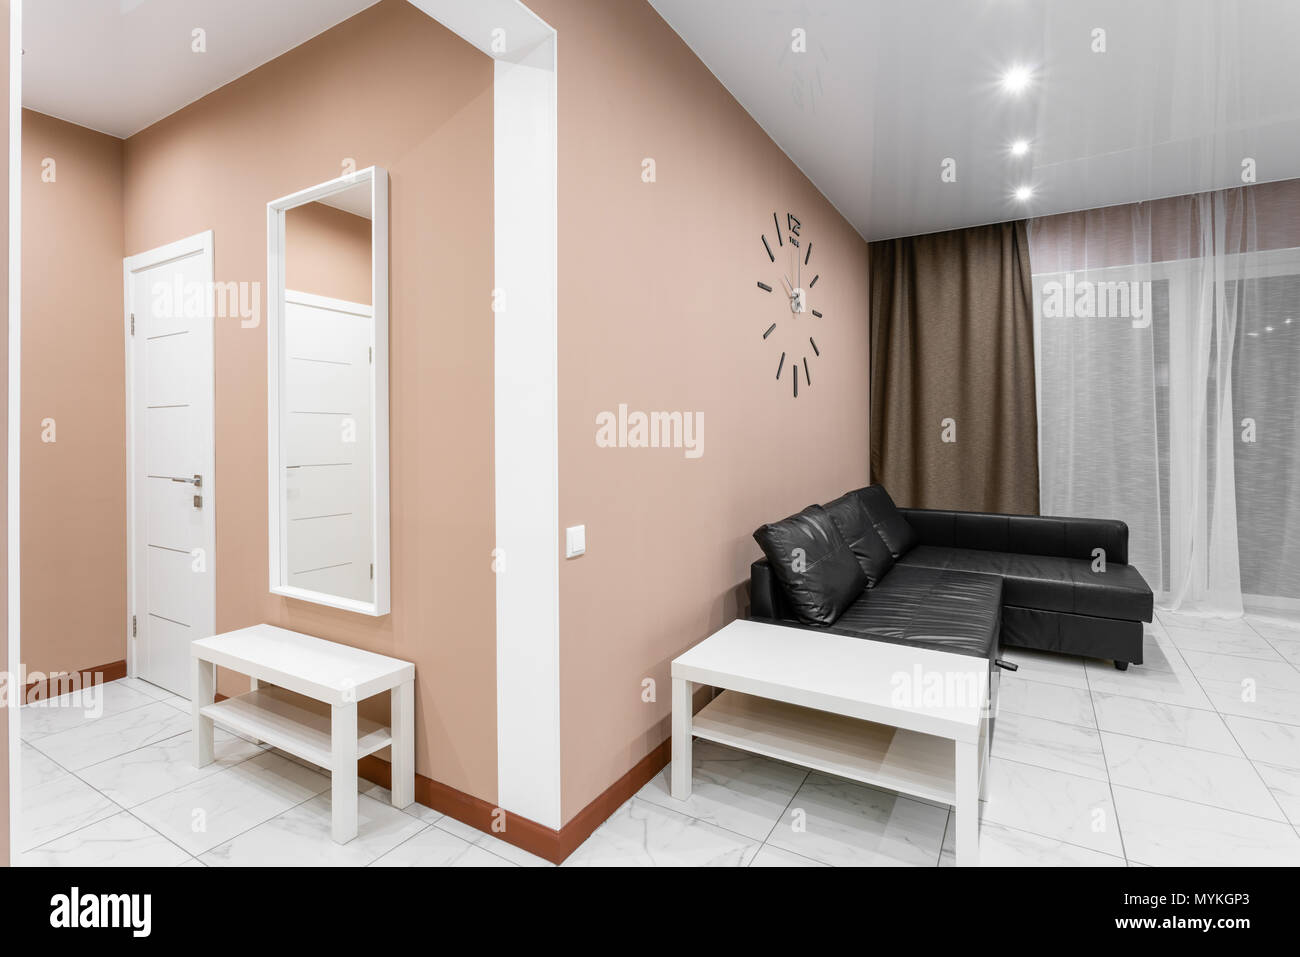 Merveilleux Moderner Minimalismus Style Salon Interieur. Einfache Und Kostengünstige  Wohnzimmer Mit Küche. Innenbeleuchtung Abend